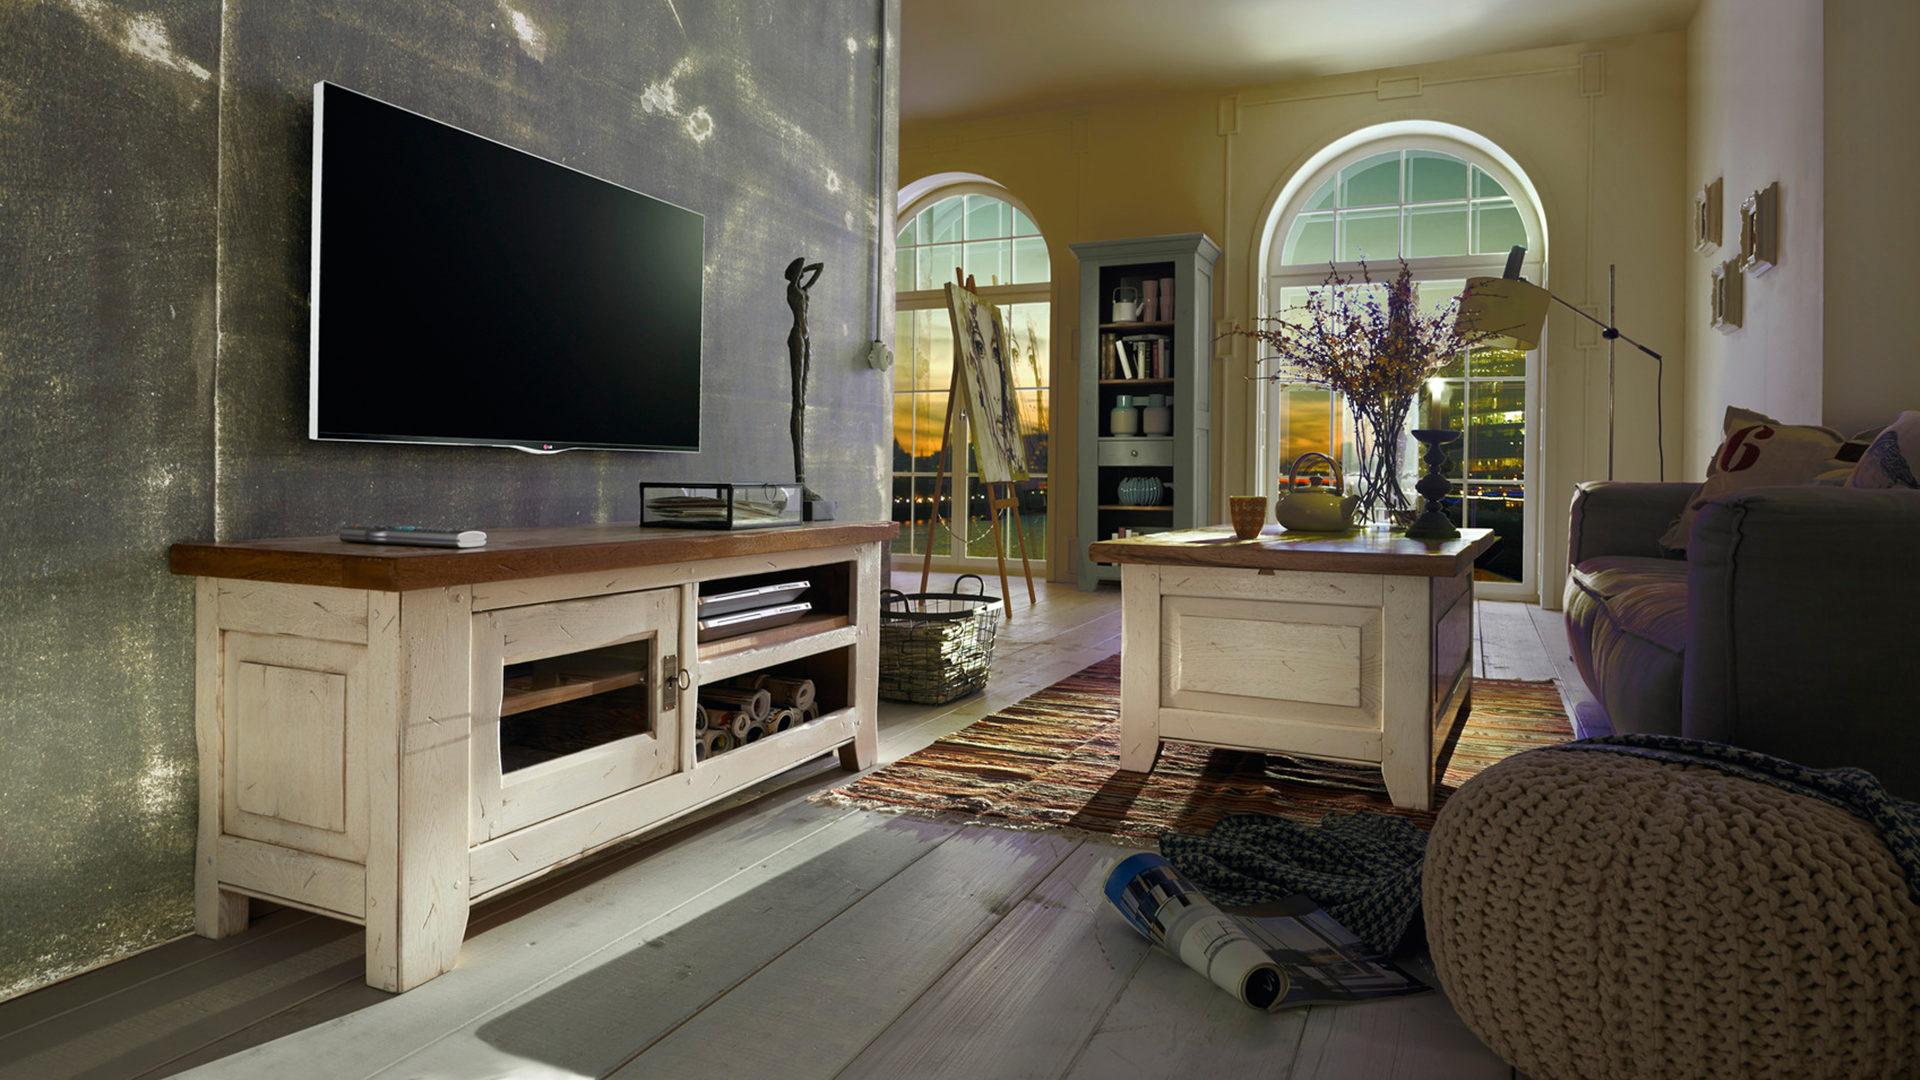 hertel möbel gesees | räume | wohnzimmer | regale + raumteiler ... - Wohnzimmer Farben Landhausstil